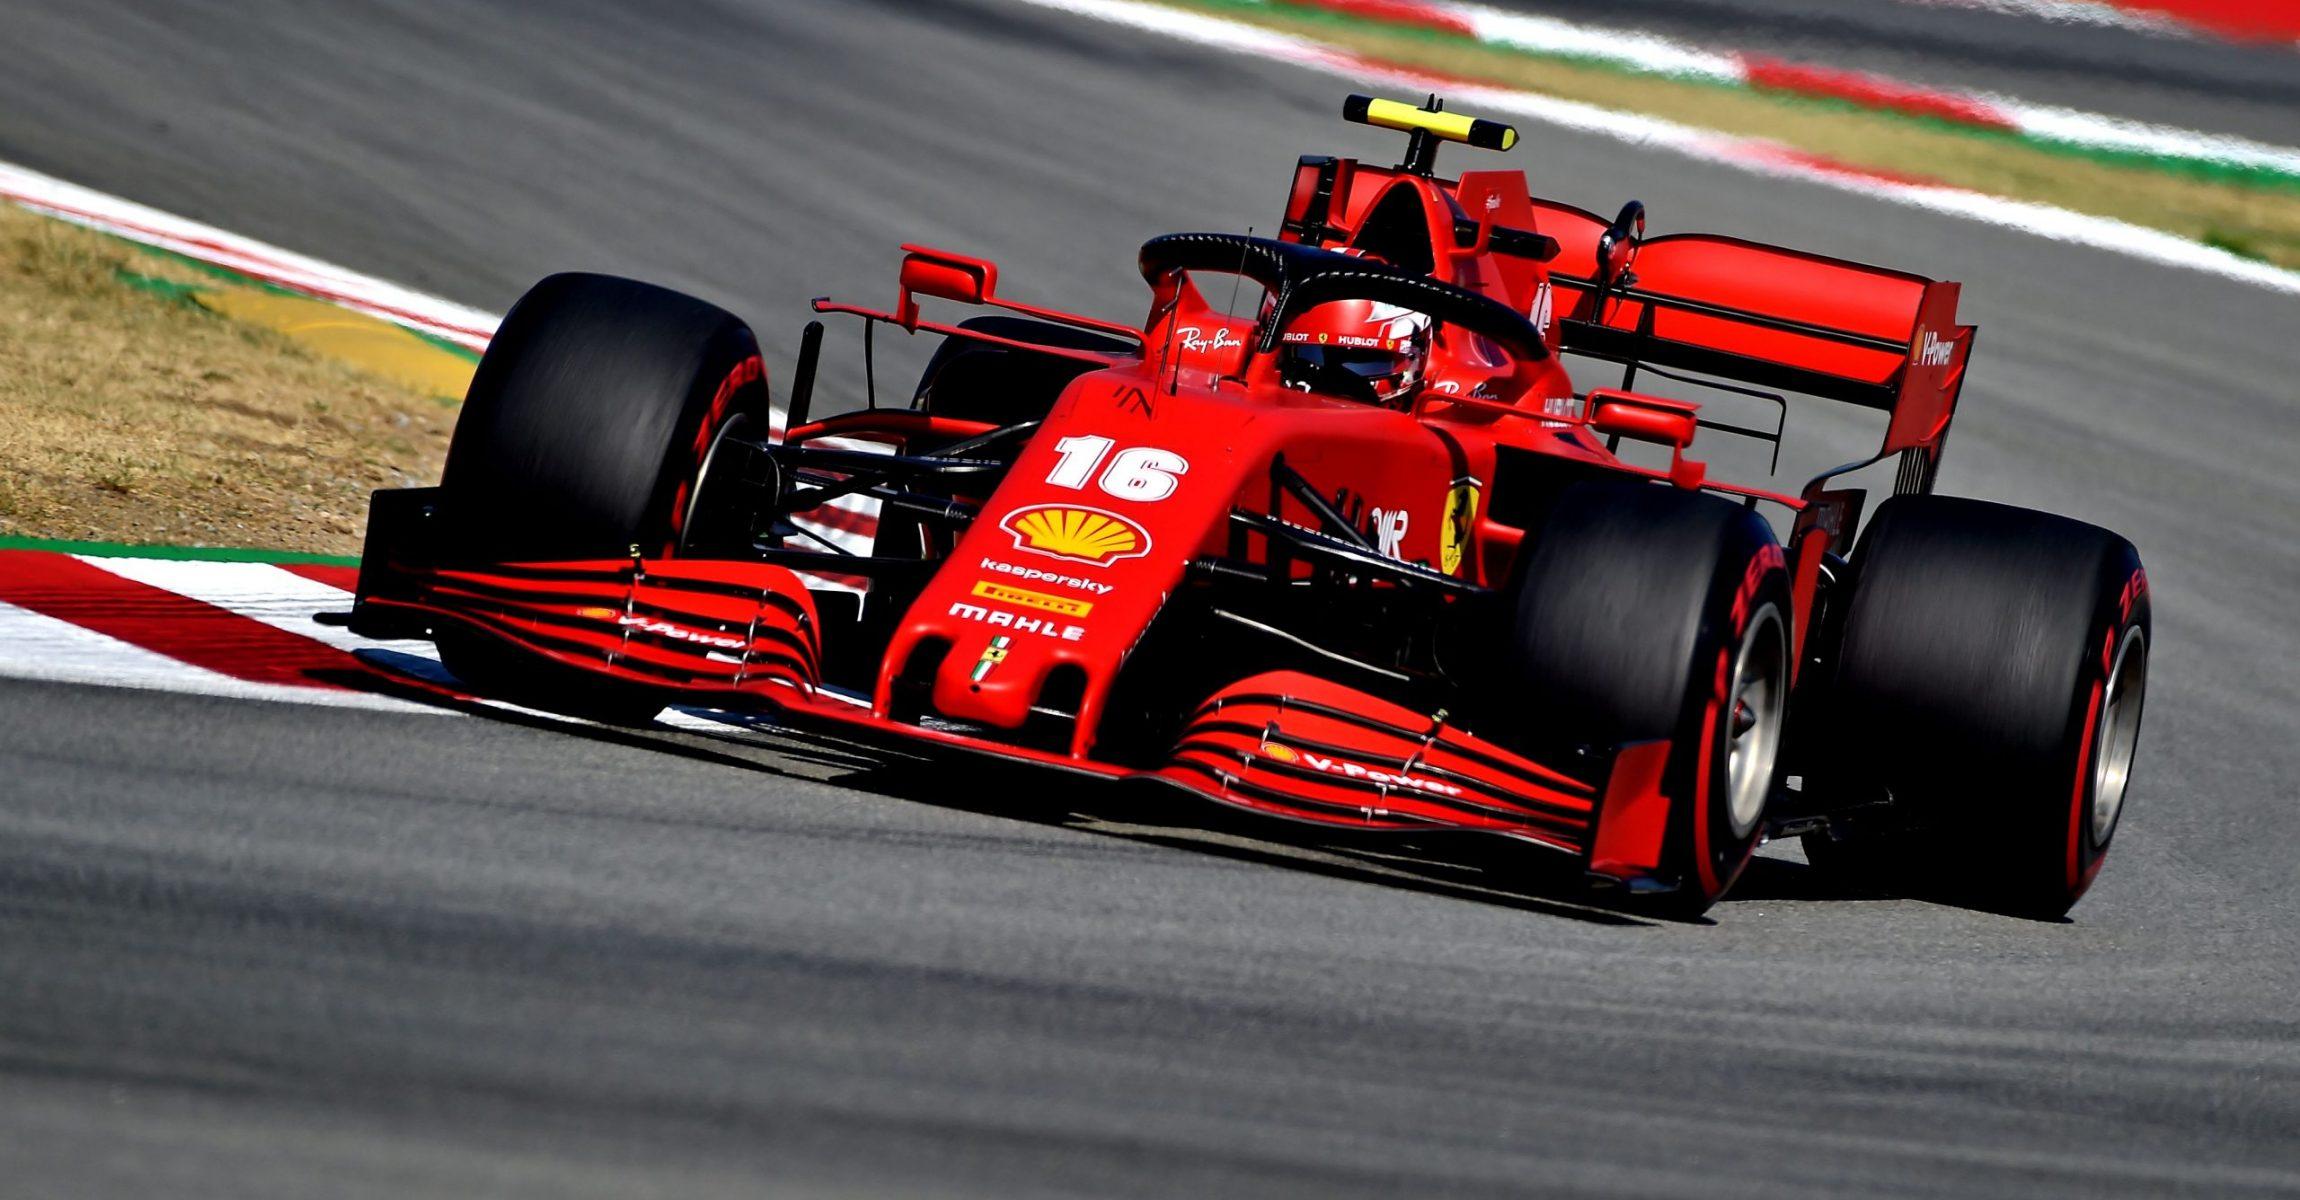 GP SPAGNA F1/2020 -  VENERDÌ 14/08/2020  credit: @Scuderia Ferrari Press Office Charles Leclerc